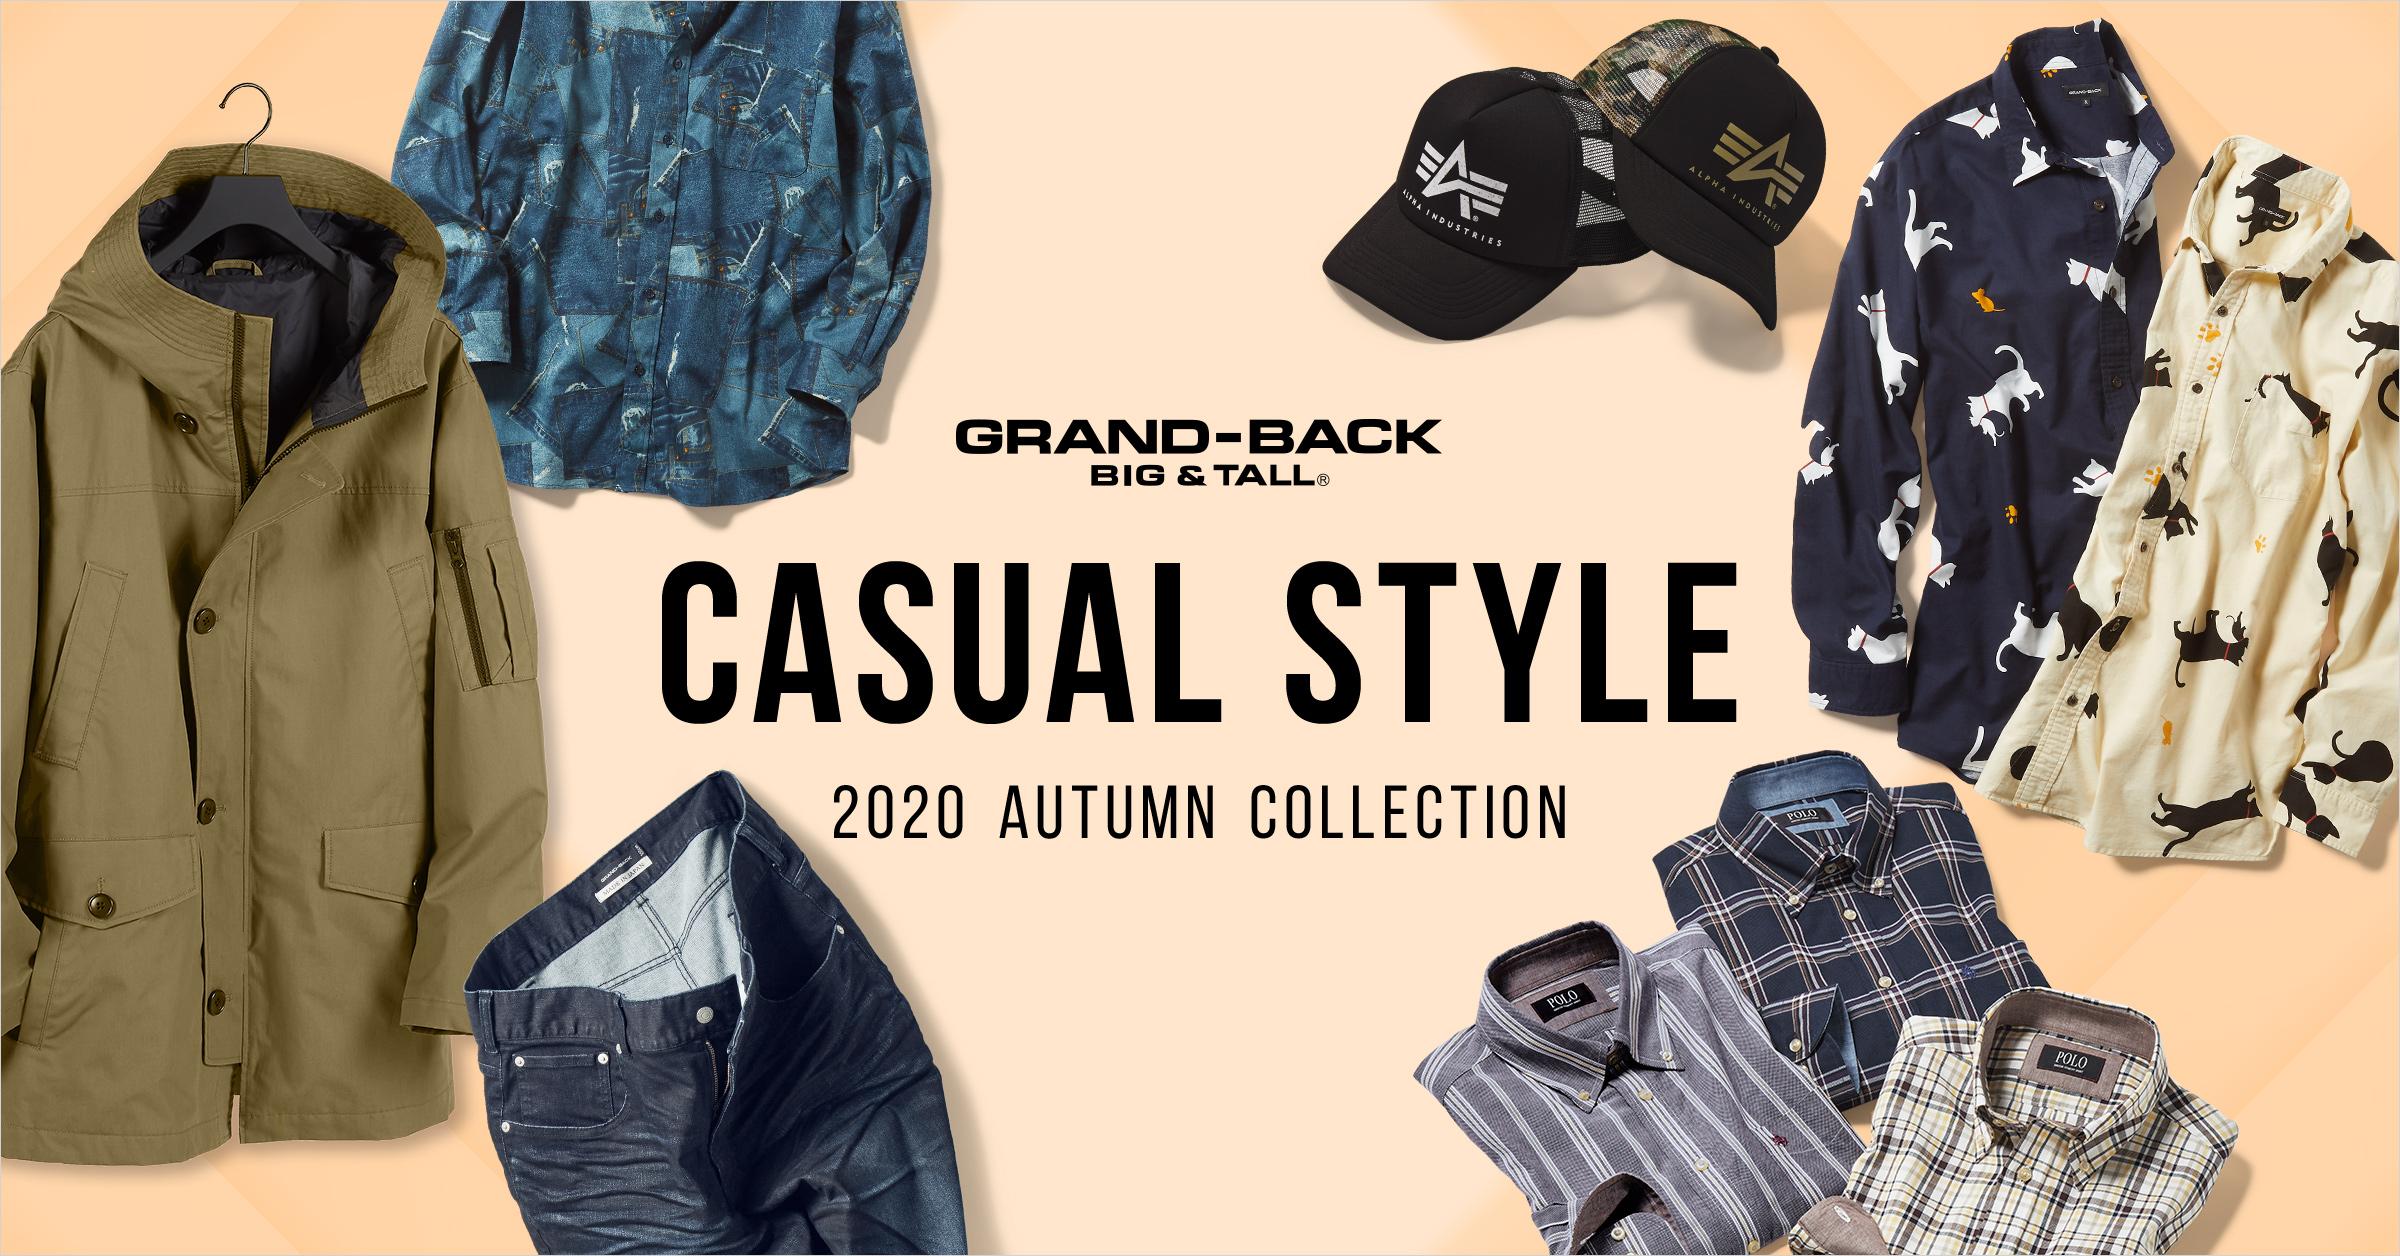 2020 Autumn Casual style(2020 オータム カジュアルスタイル)